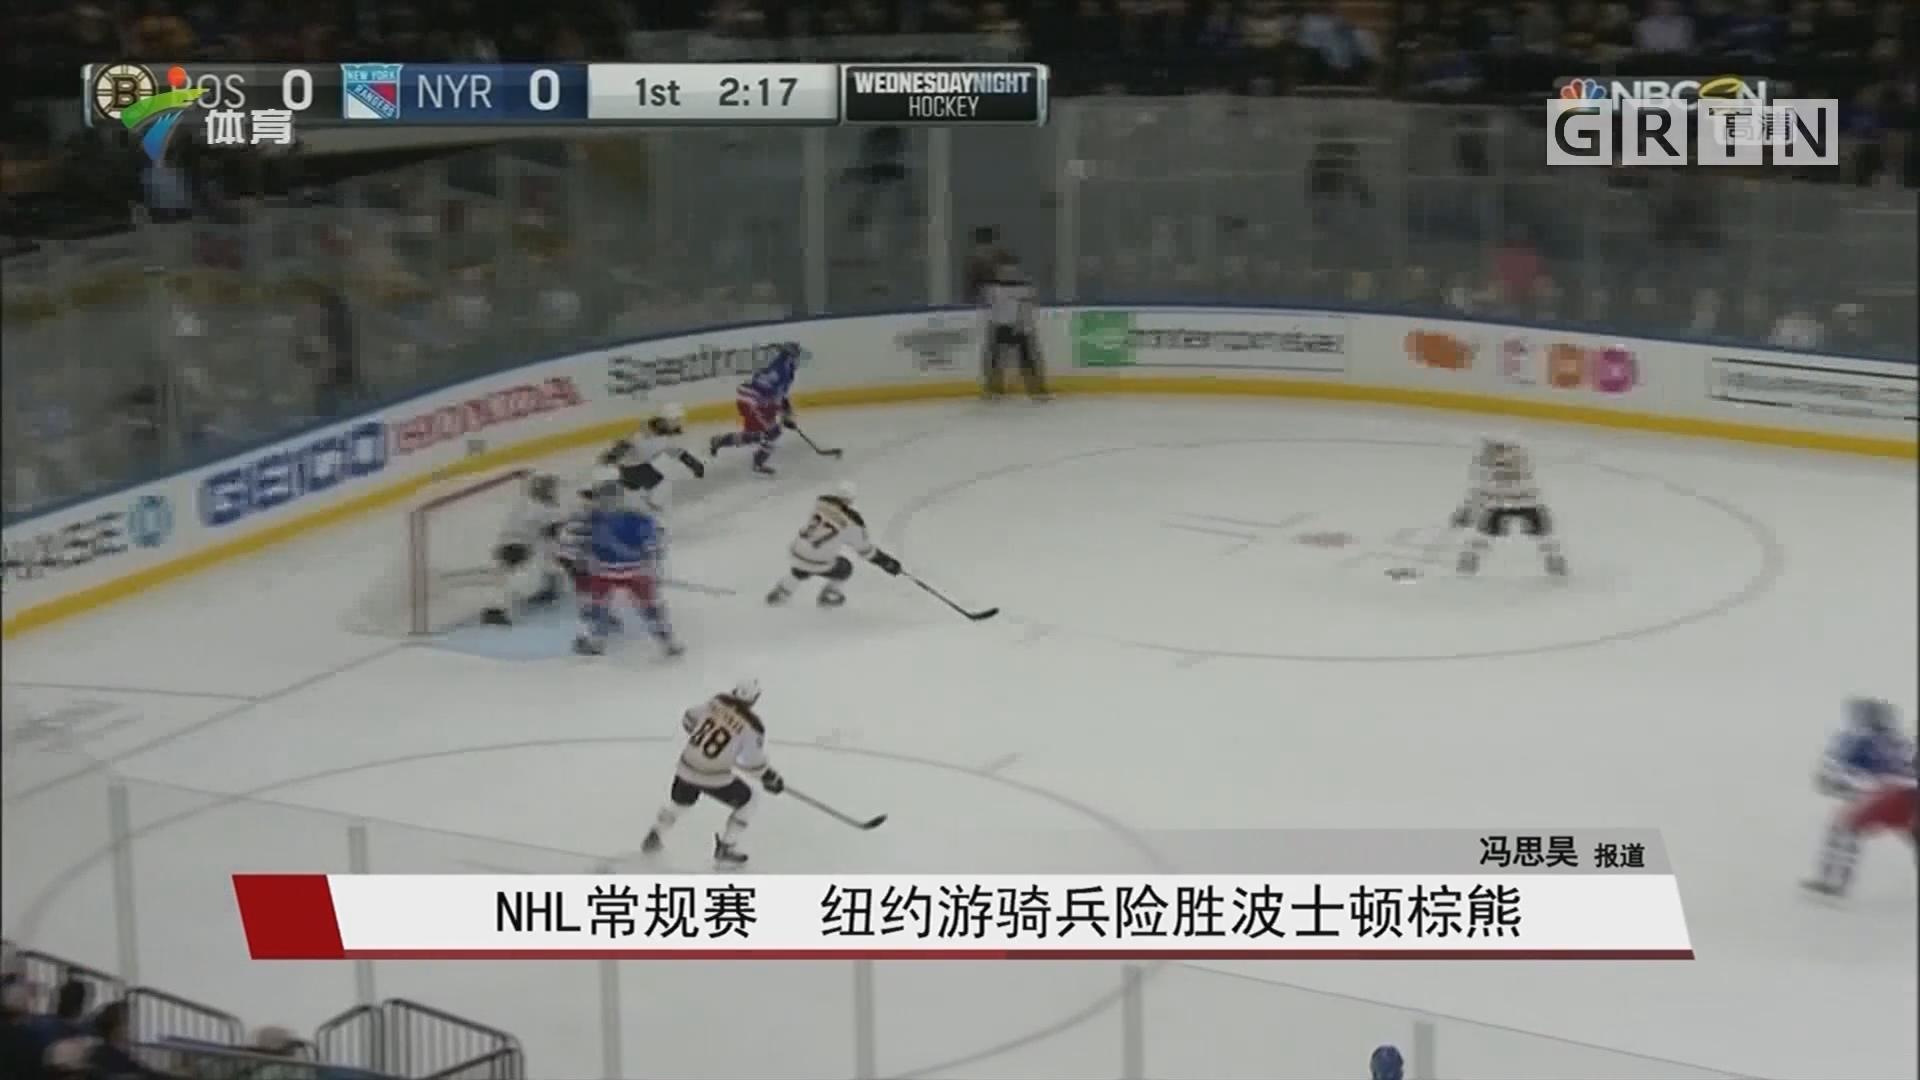 NHL常规赛 纽约游骑兵险胜波士顿棕熊